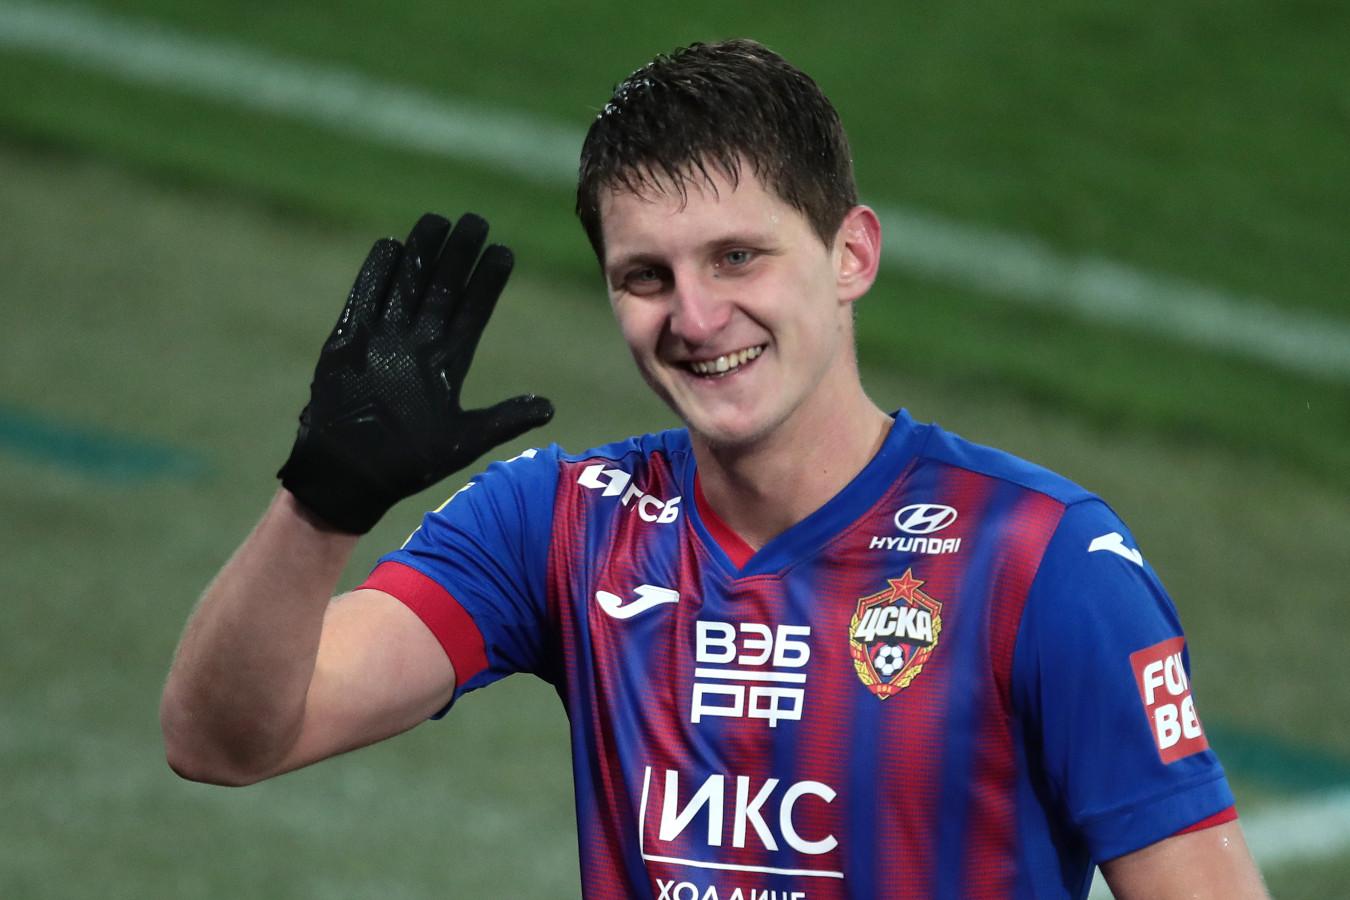 Защитник ЦСКА Игорь Дивеев признан лучшим молодым игроком РПЛ 2020 года